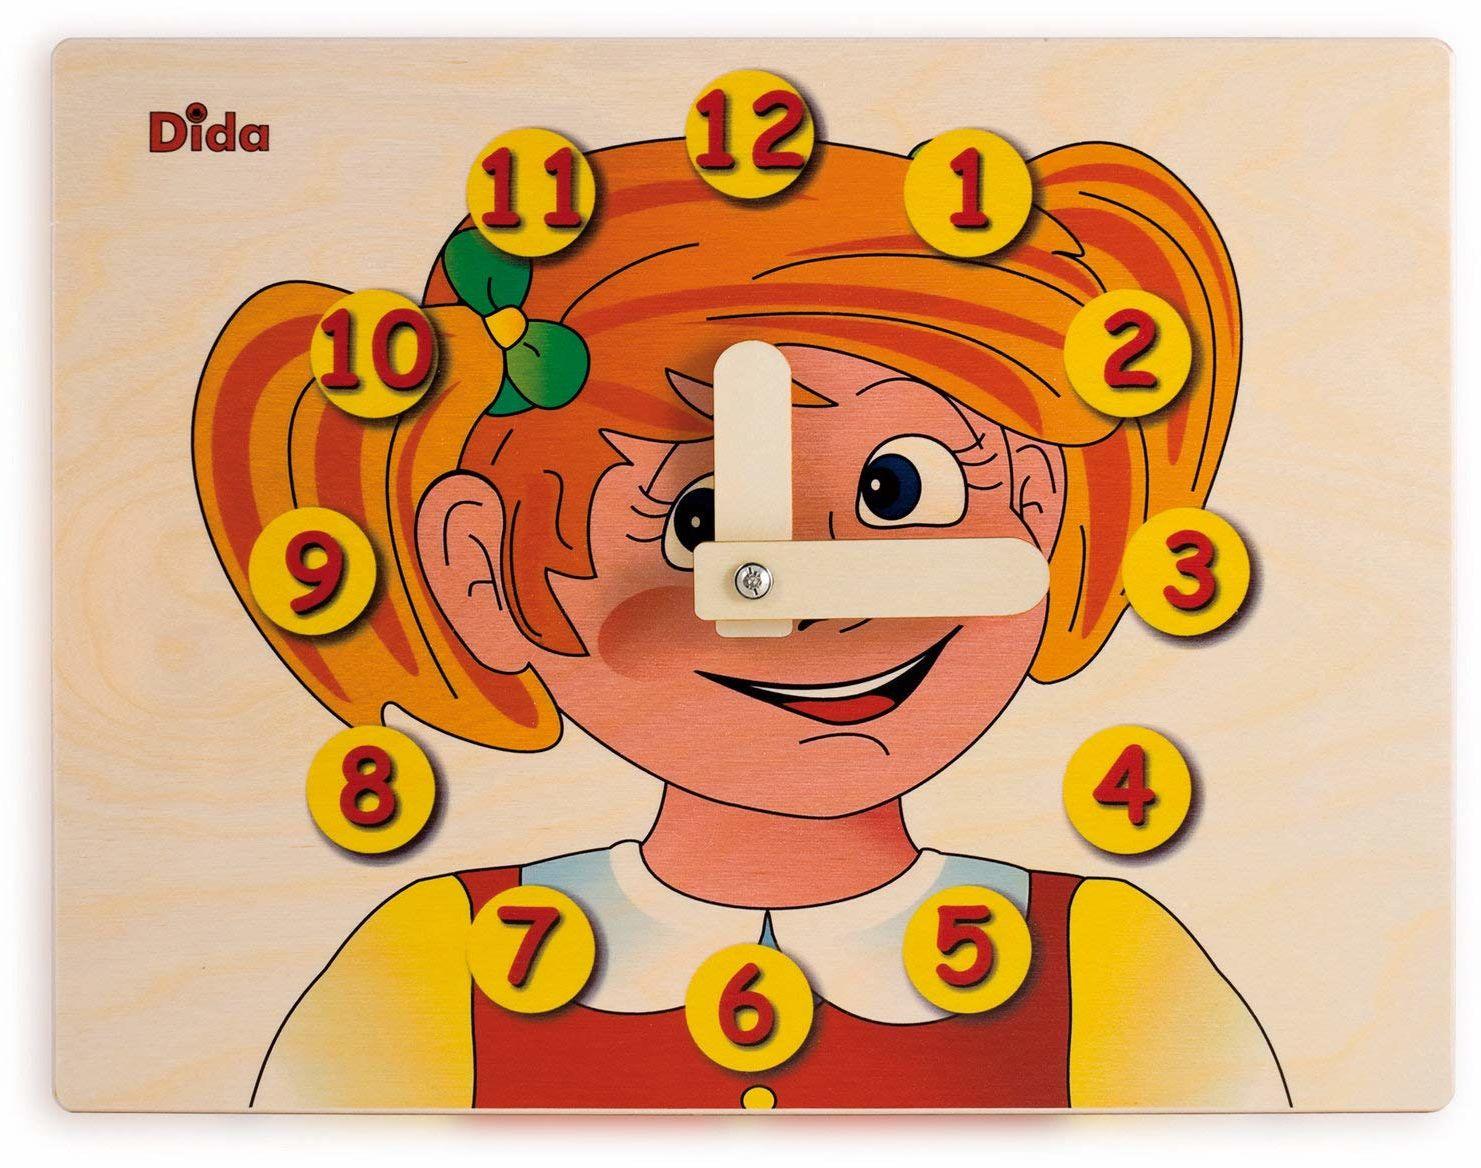 Dida - Zegarek do nauki dla dzieci -twarz dziewczynki - zabawny zegar do nauki dzieci, z drewna, do przedszkola, szkoły i domu